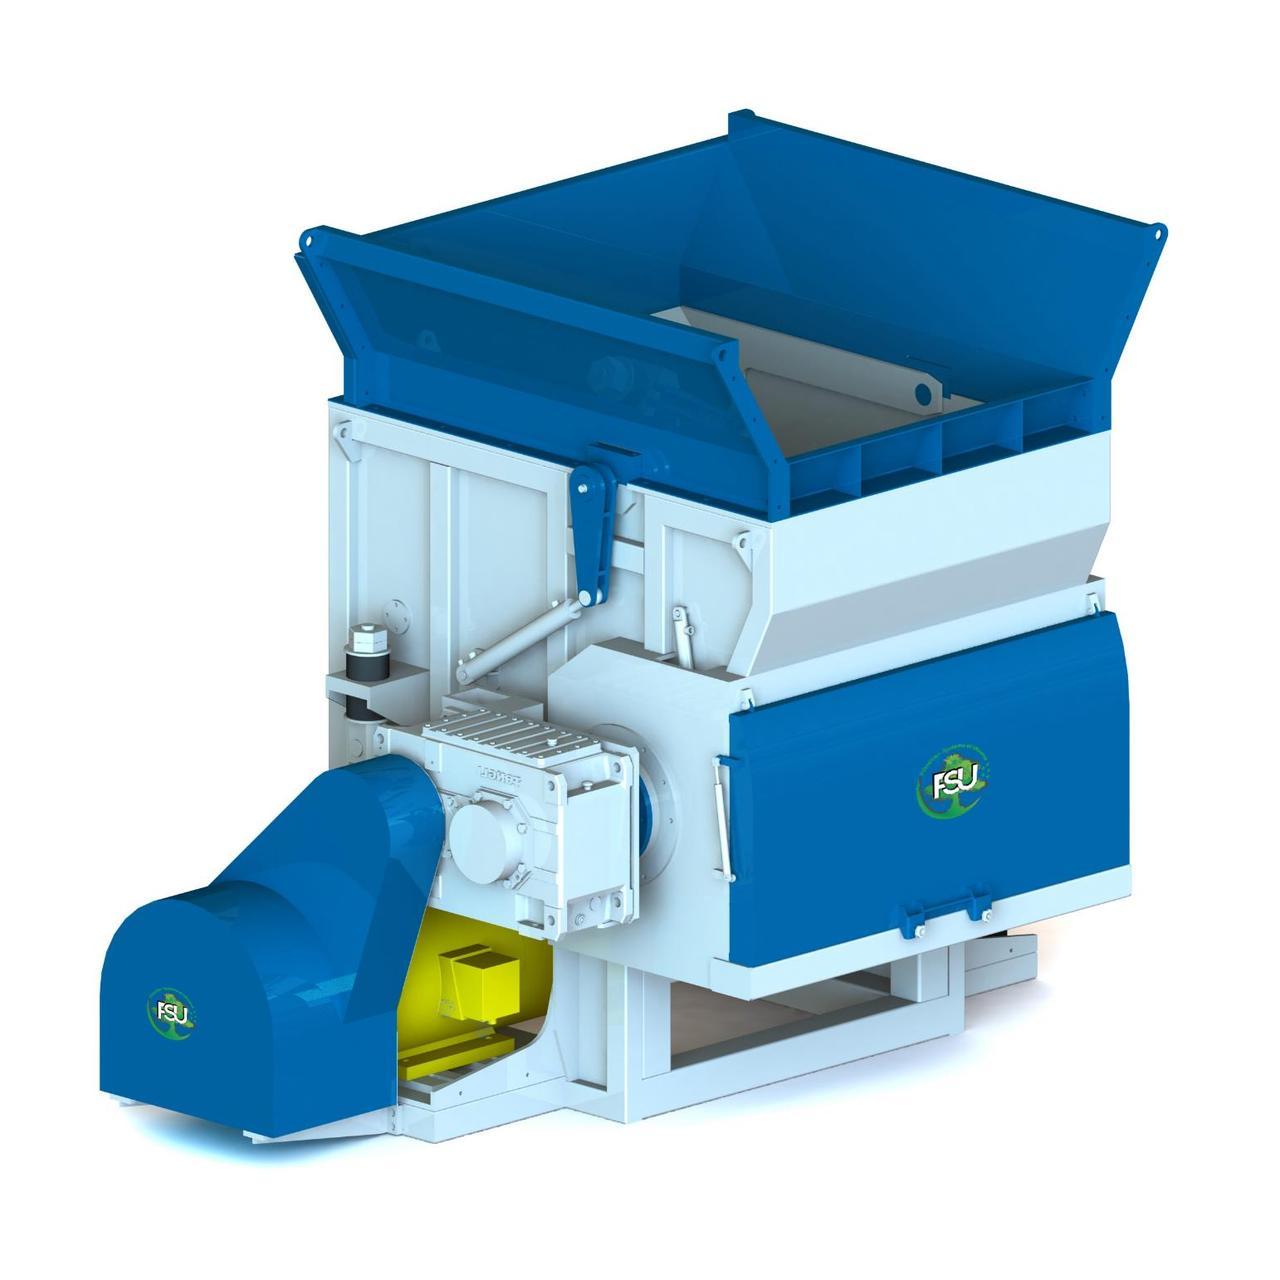 Подрібнювач (шредер) для знищення гумових виробів типу FSU